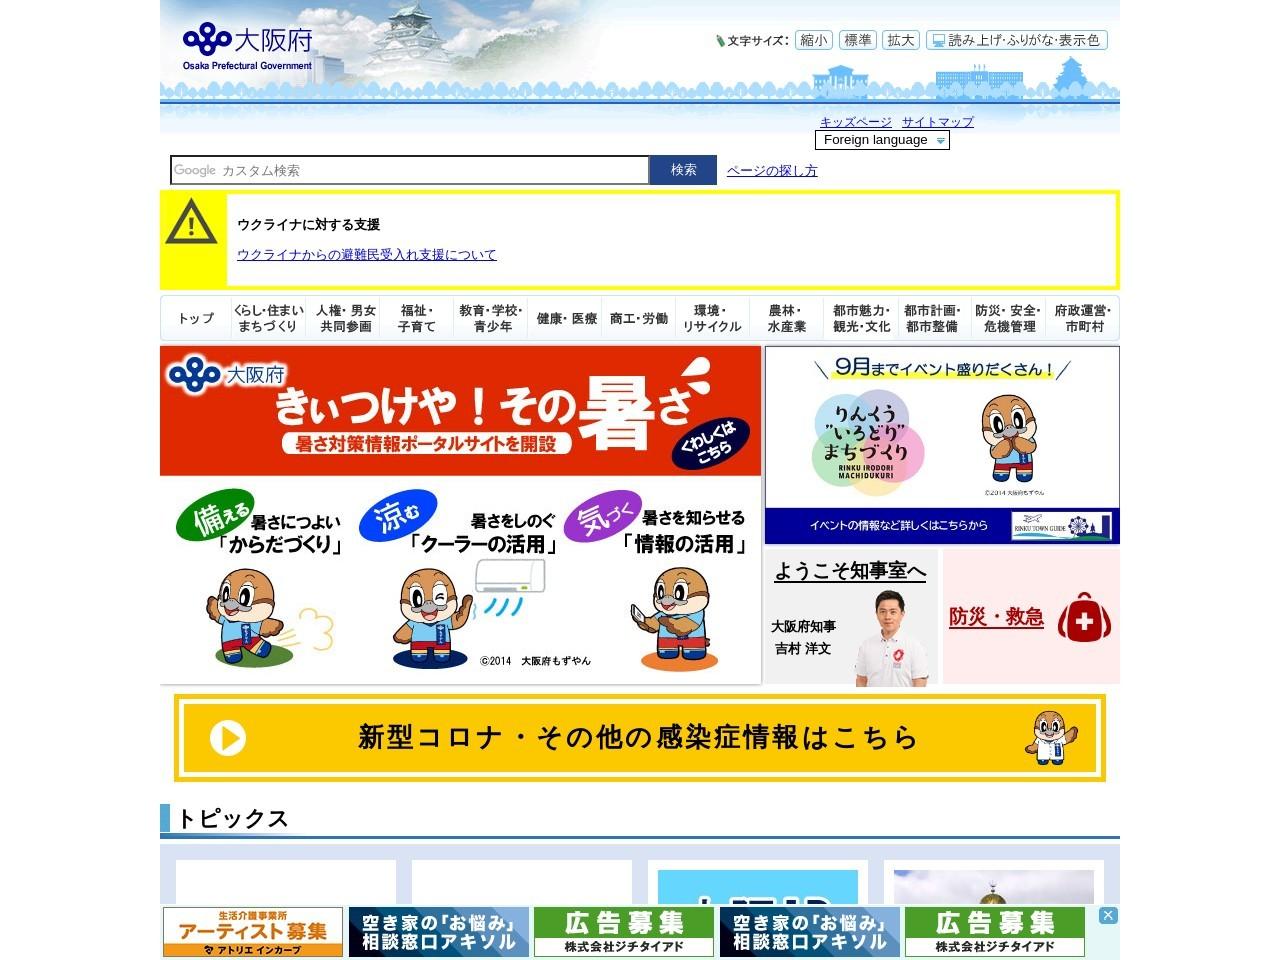 http://www.pref.osaka.lg.jp/midori/midori/g-10yamanohi.html